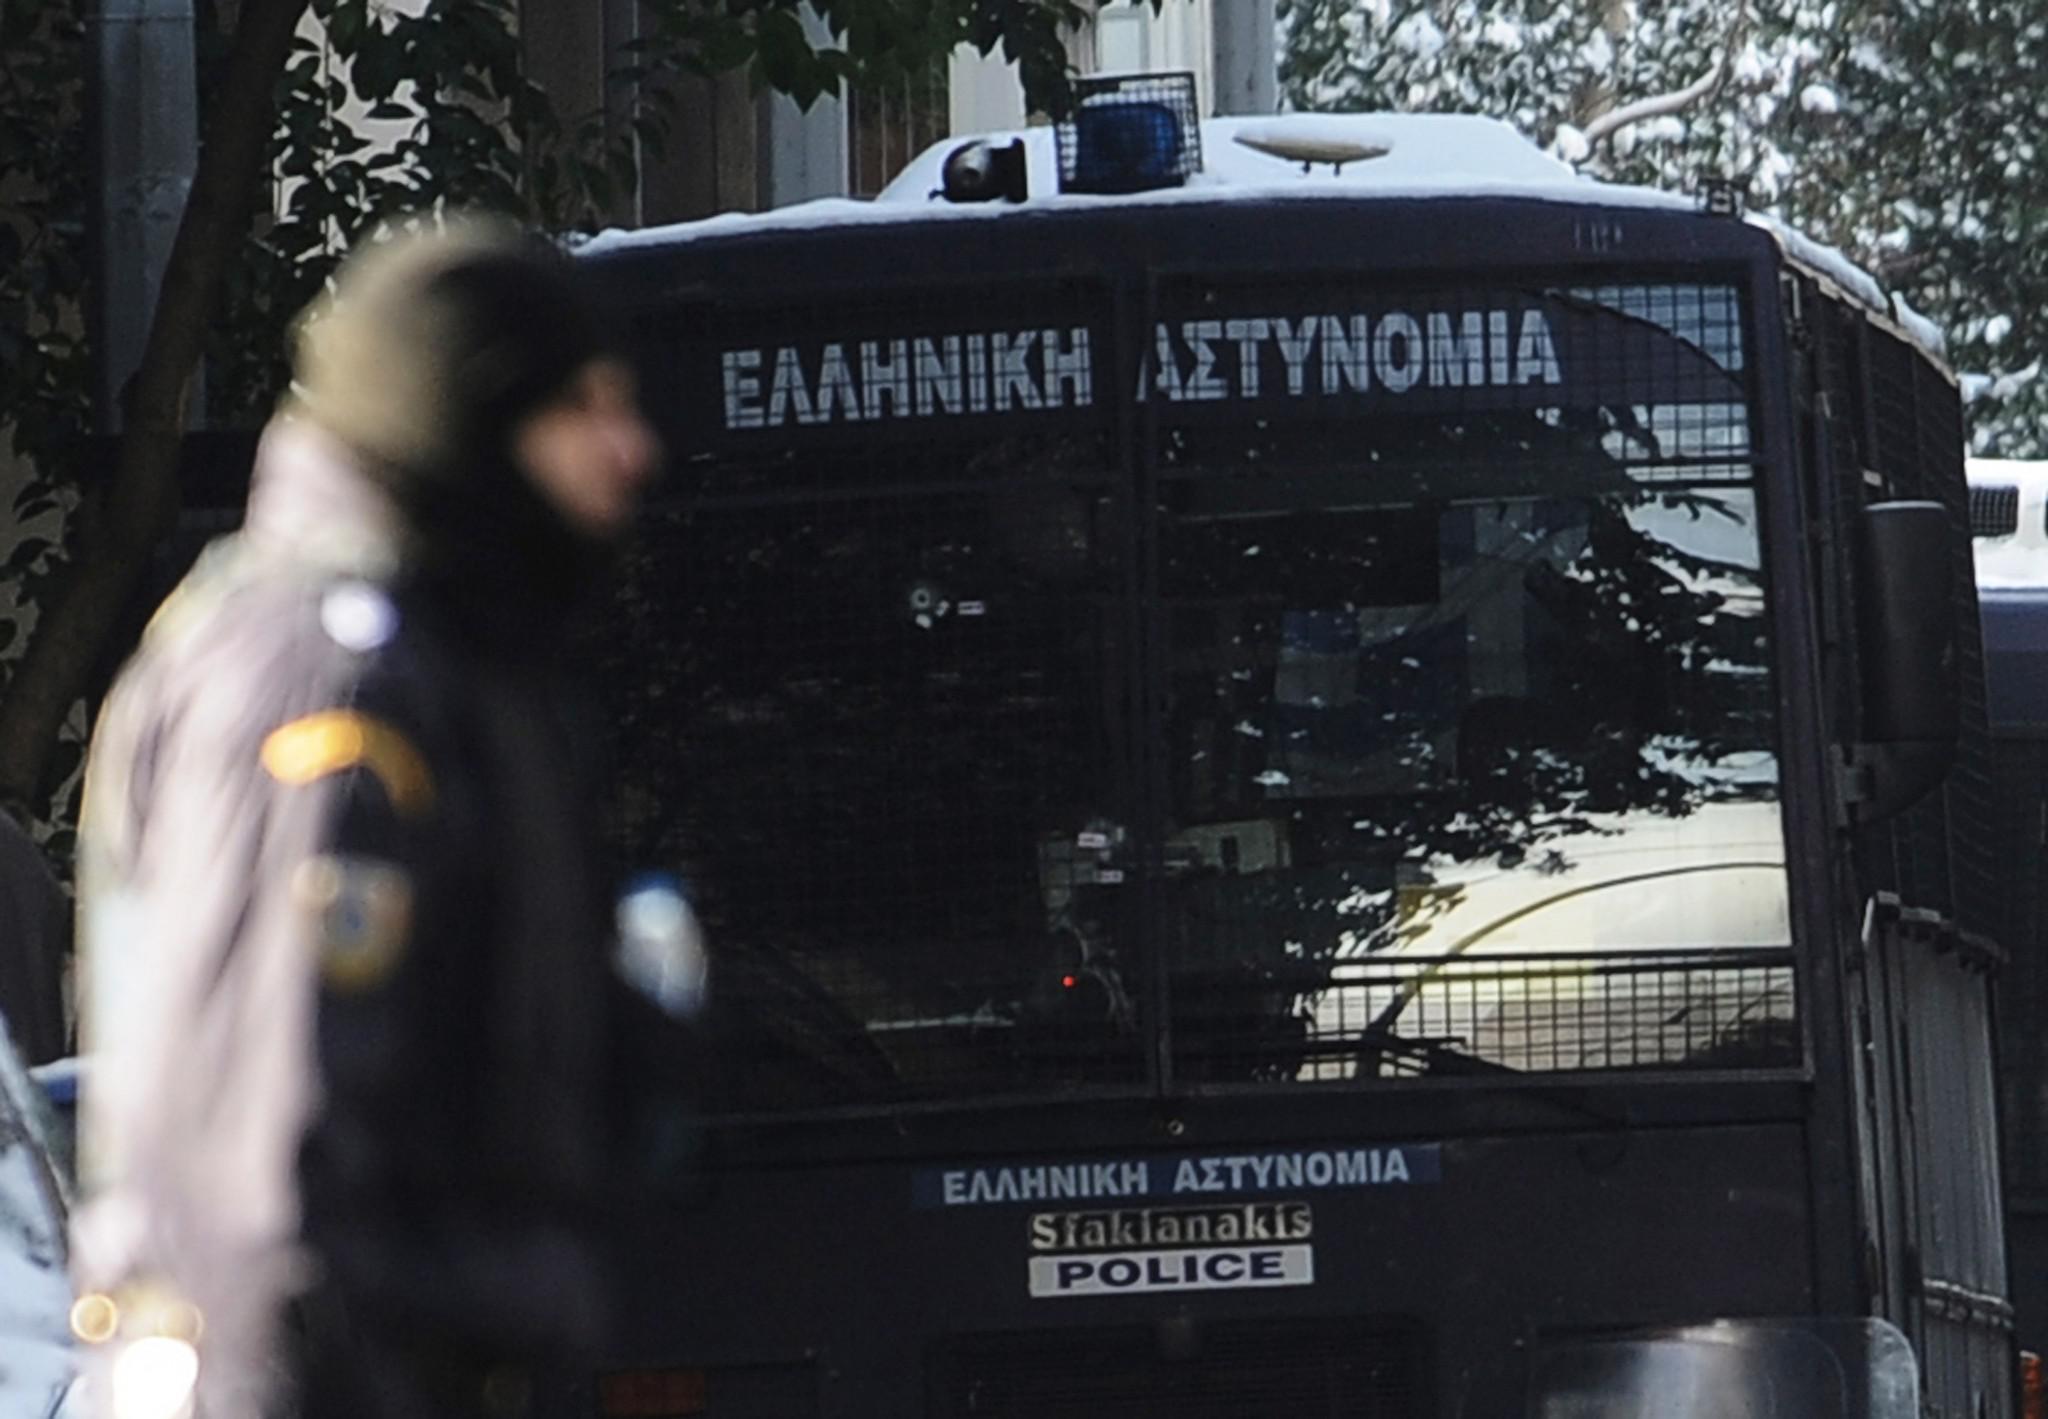 epithesi-mat-traumatria-astynomikos-tromokratia-2 Πώς η «Επαναστατική Αυτοάμυνα» τραυμάτισε αστυνομικό έξω από τα γραφεία του ΠΑΣΟΚ